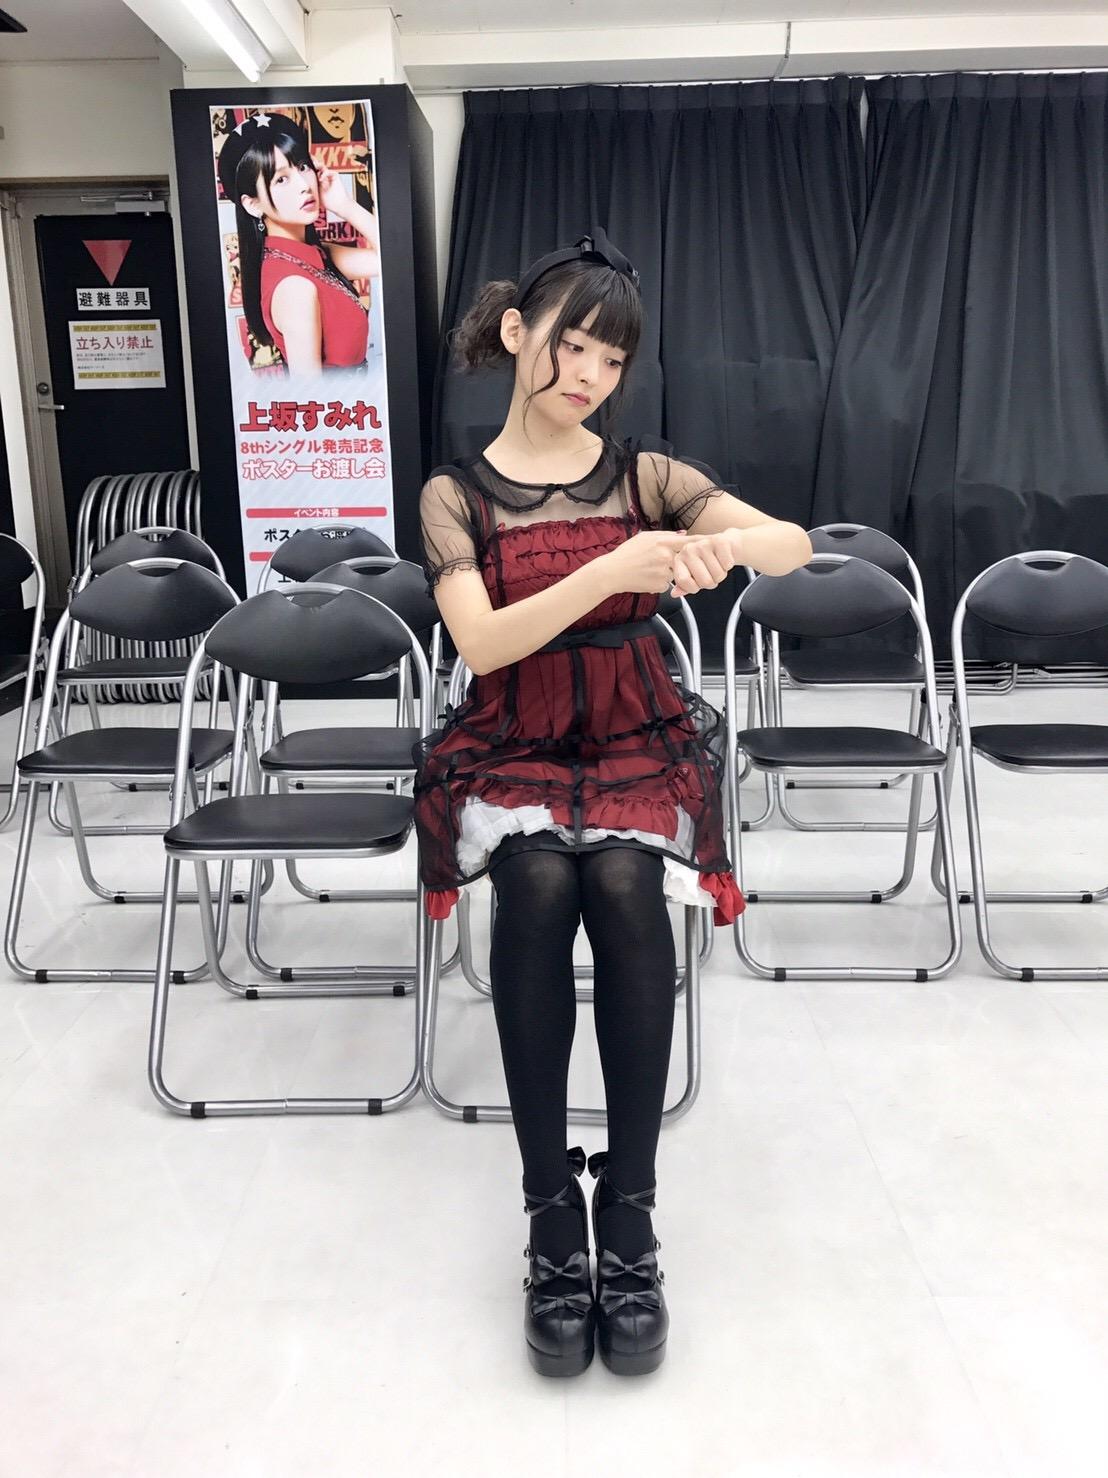 성우 우에사카 스미레의 사진, 도쿄의 음반 발매 기..